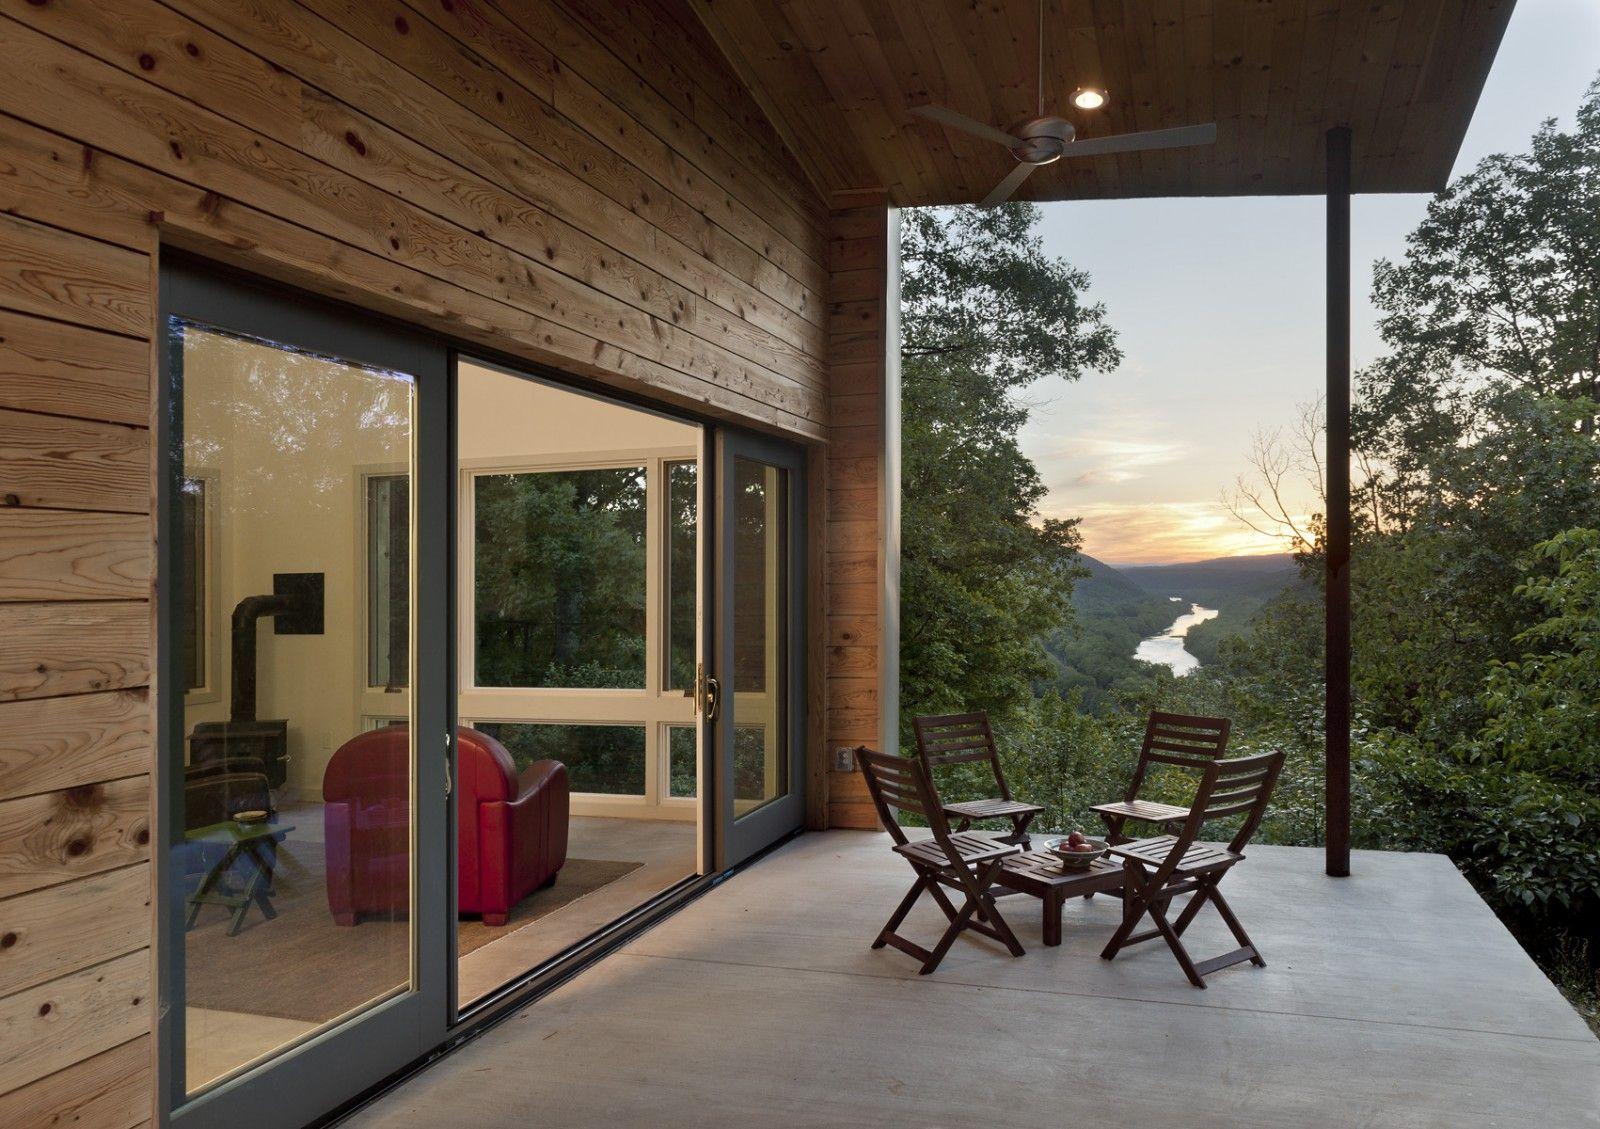 Mountain home plans virginia